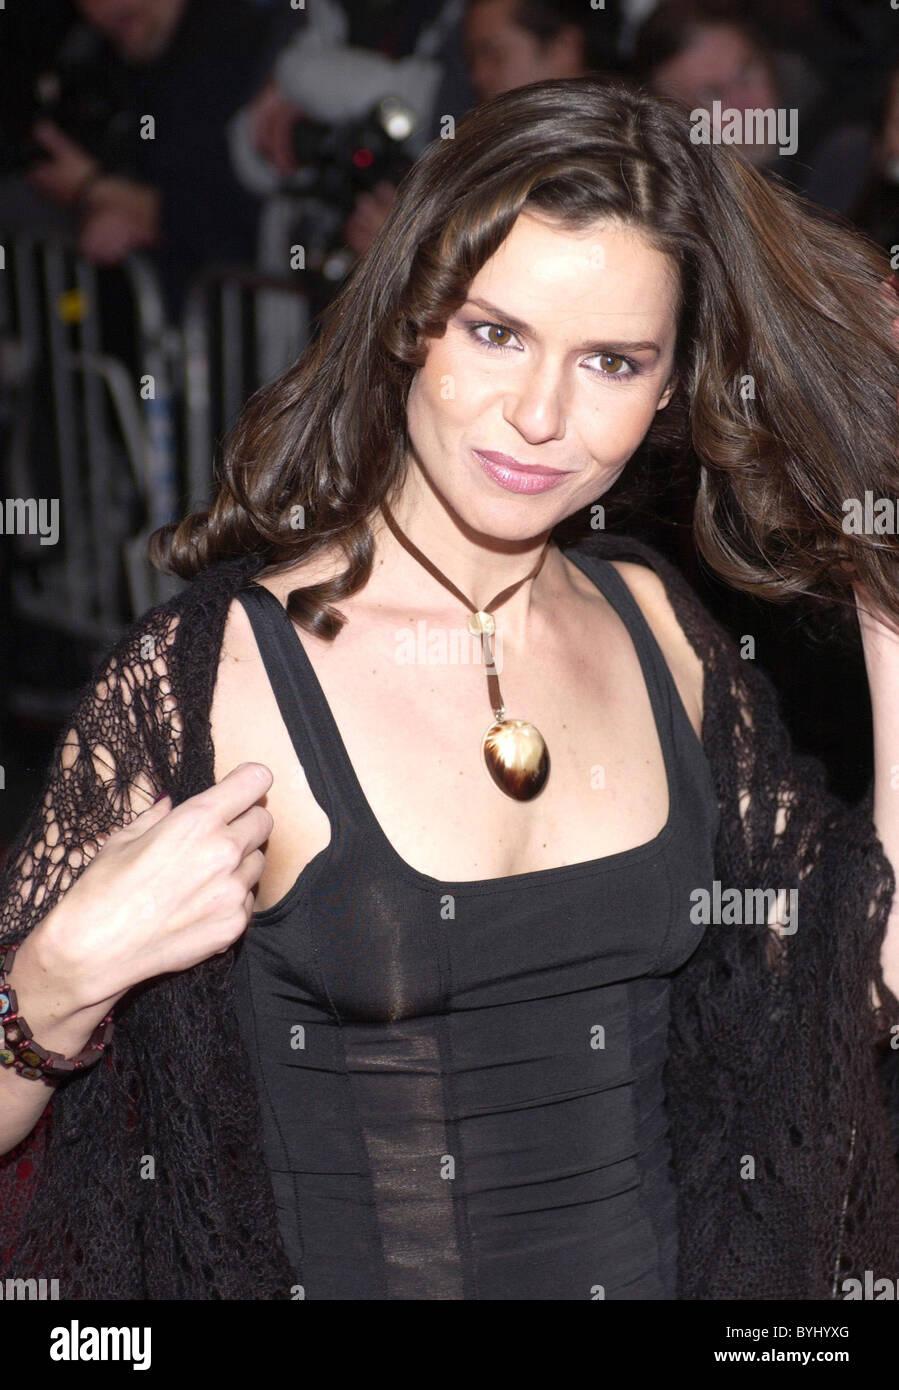 Florencia Lozano Florencia Lozano new picture